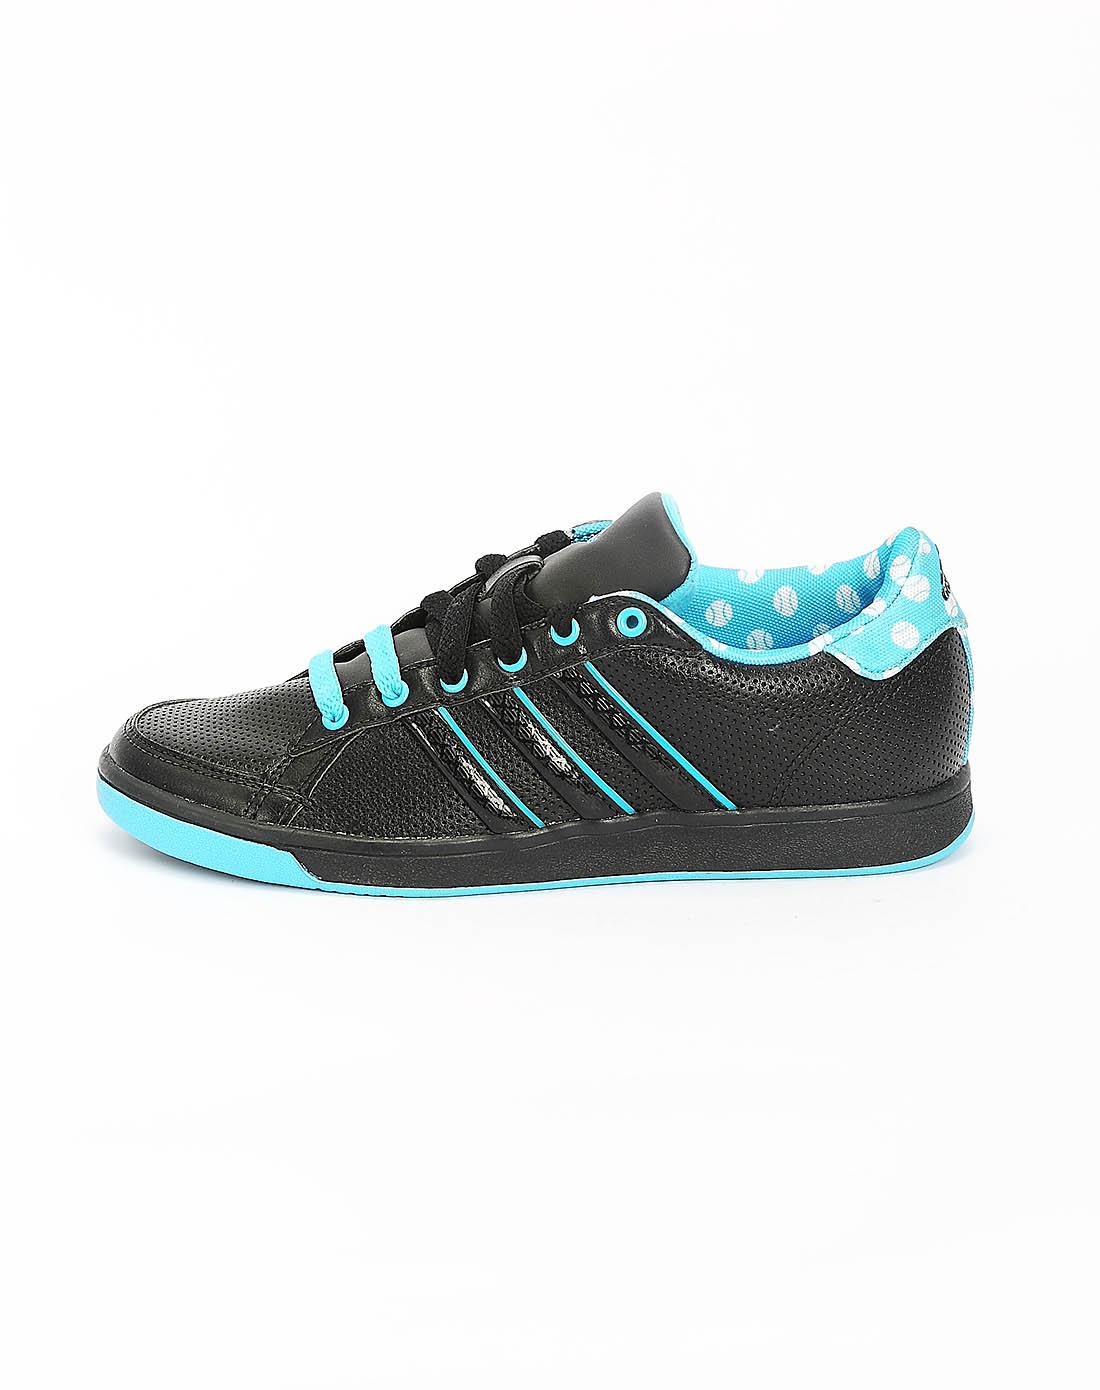 阿迪达斯adidas女子黑色网球鞋v24738